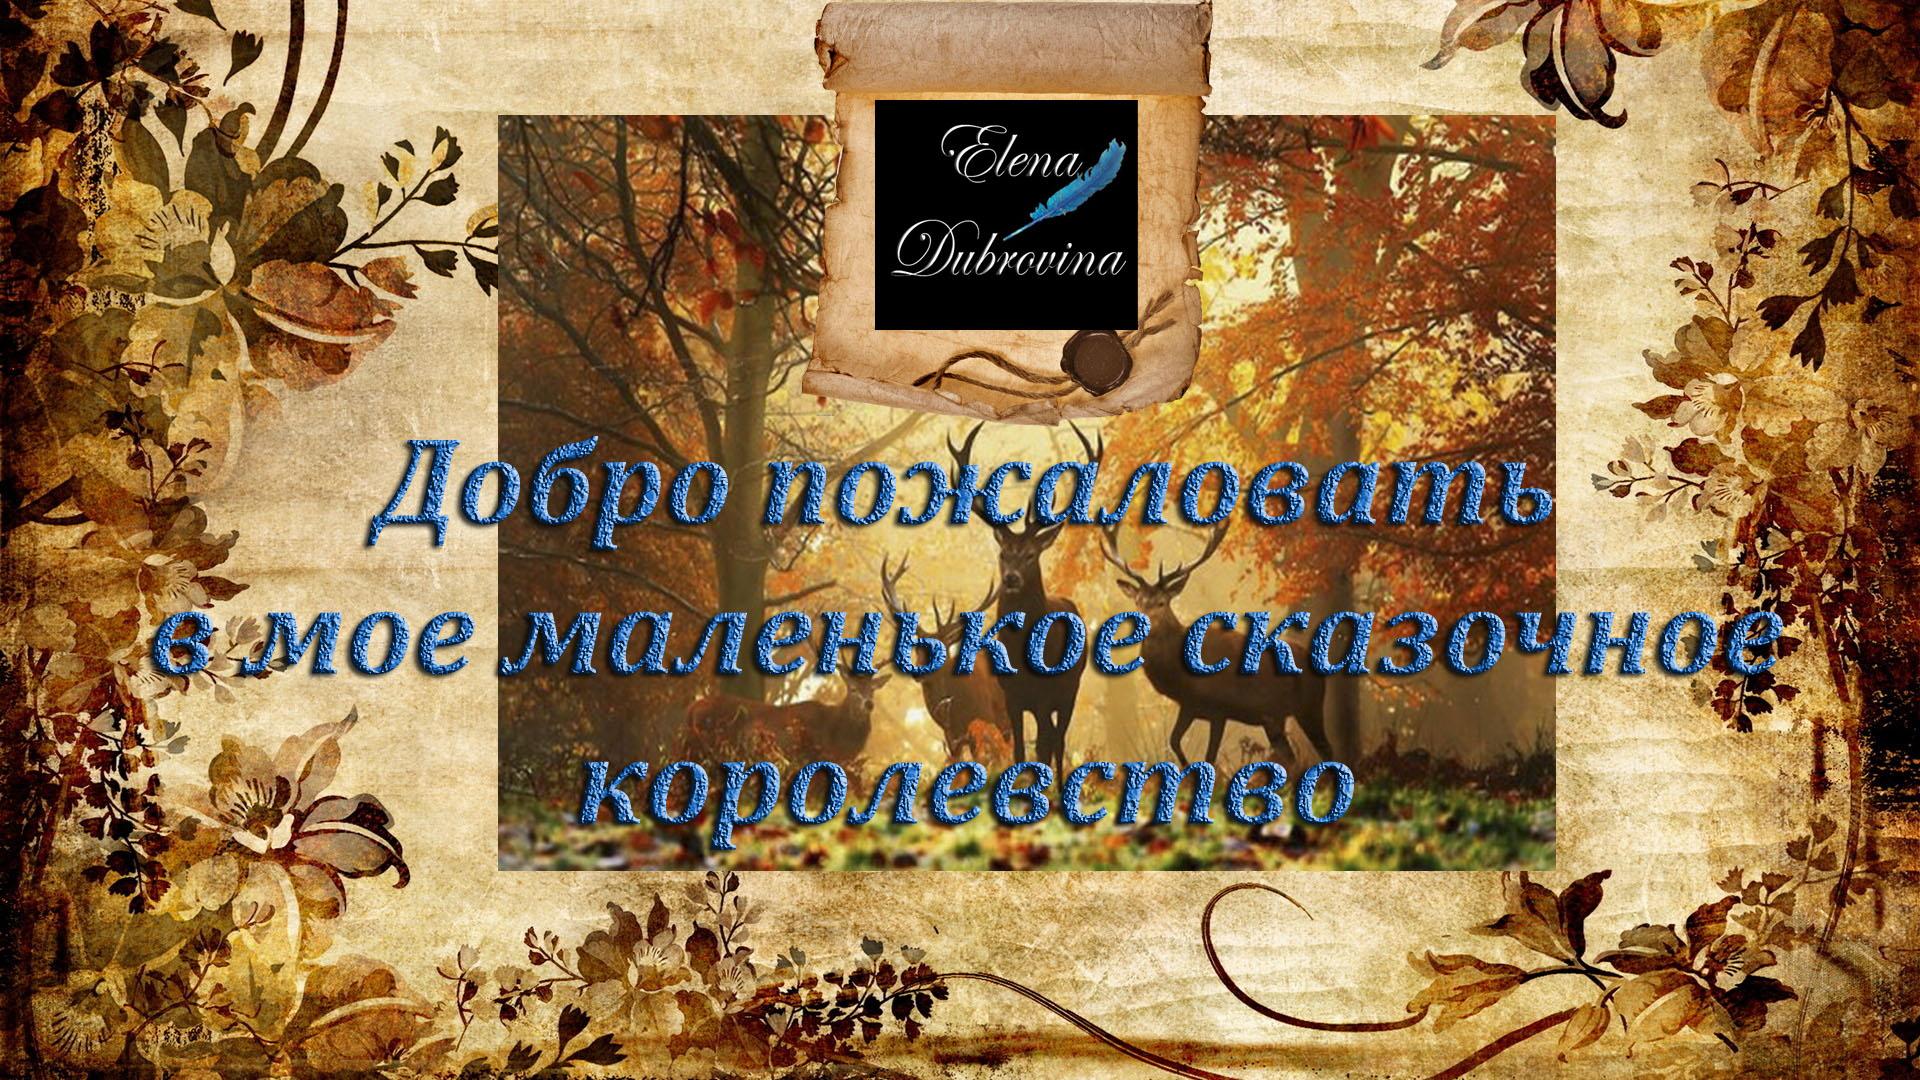 Официальный сайт Елены Дубровиной